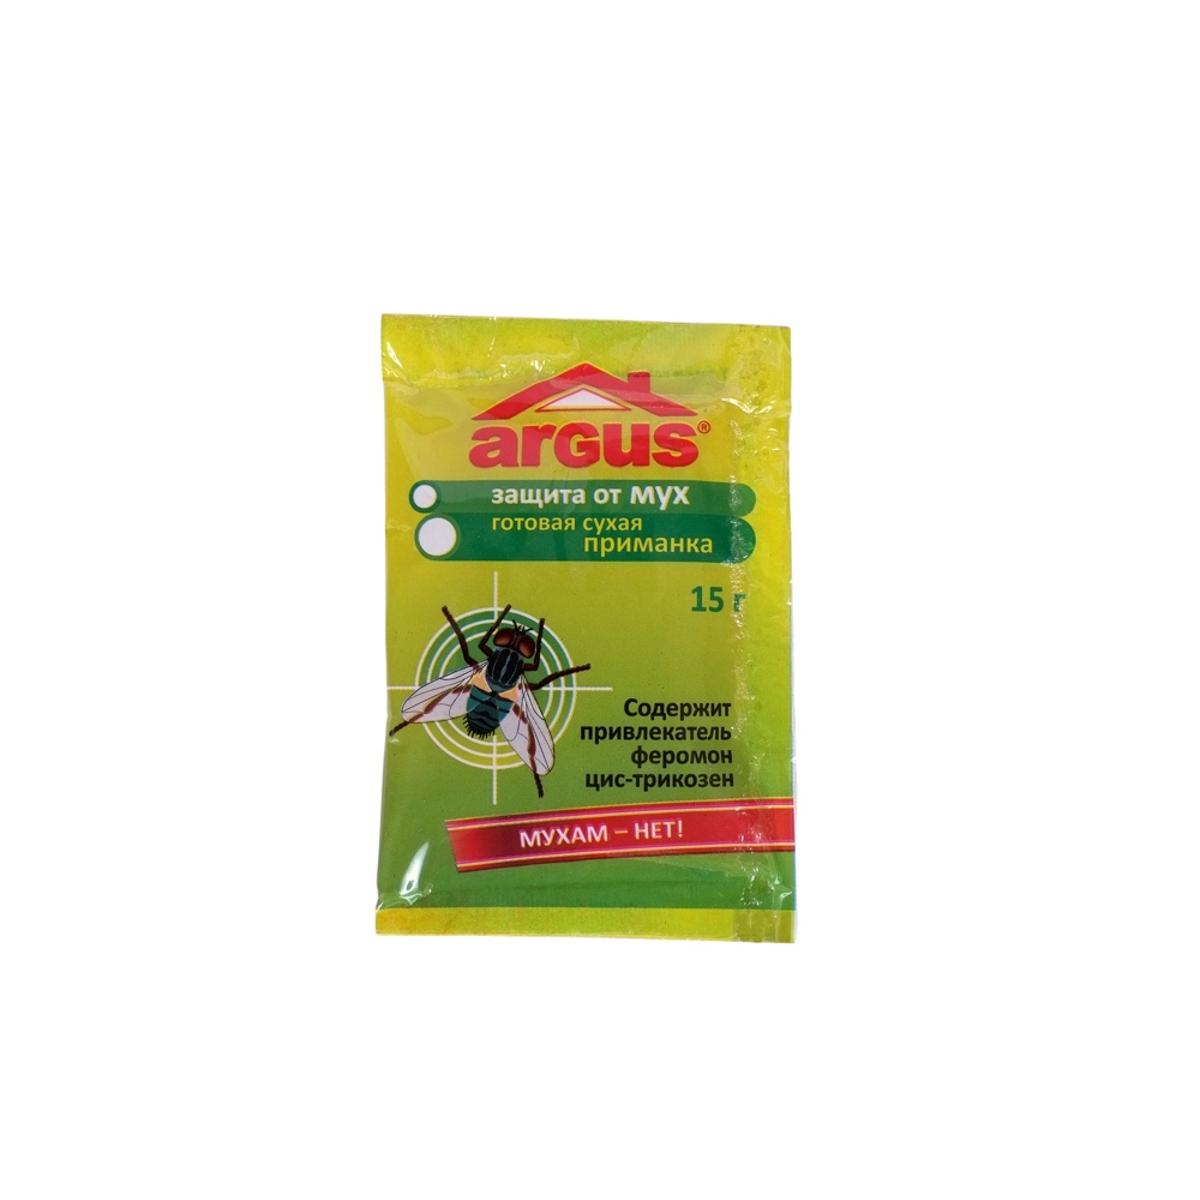 Средство от мух Argus, приманка, 15 гS03301004Приманка Argus предназначена для уничтожения мух. Изделие содержит привлекательный феромон цис-трикозен. Приманка раскладывается на подложки из расчета 6 штук на 10 м2 в местах наибольшего скопления мух. Рекомендуется разместить вблизи источников света.Состав: метомил 1%, половой феромон цис-трикозен 0,25%, битрекс, краситель, сахар.